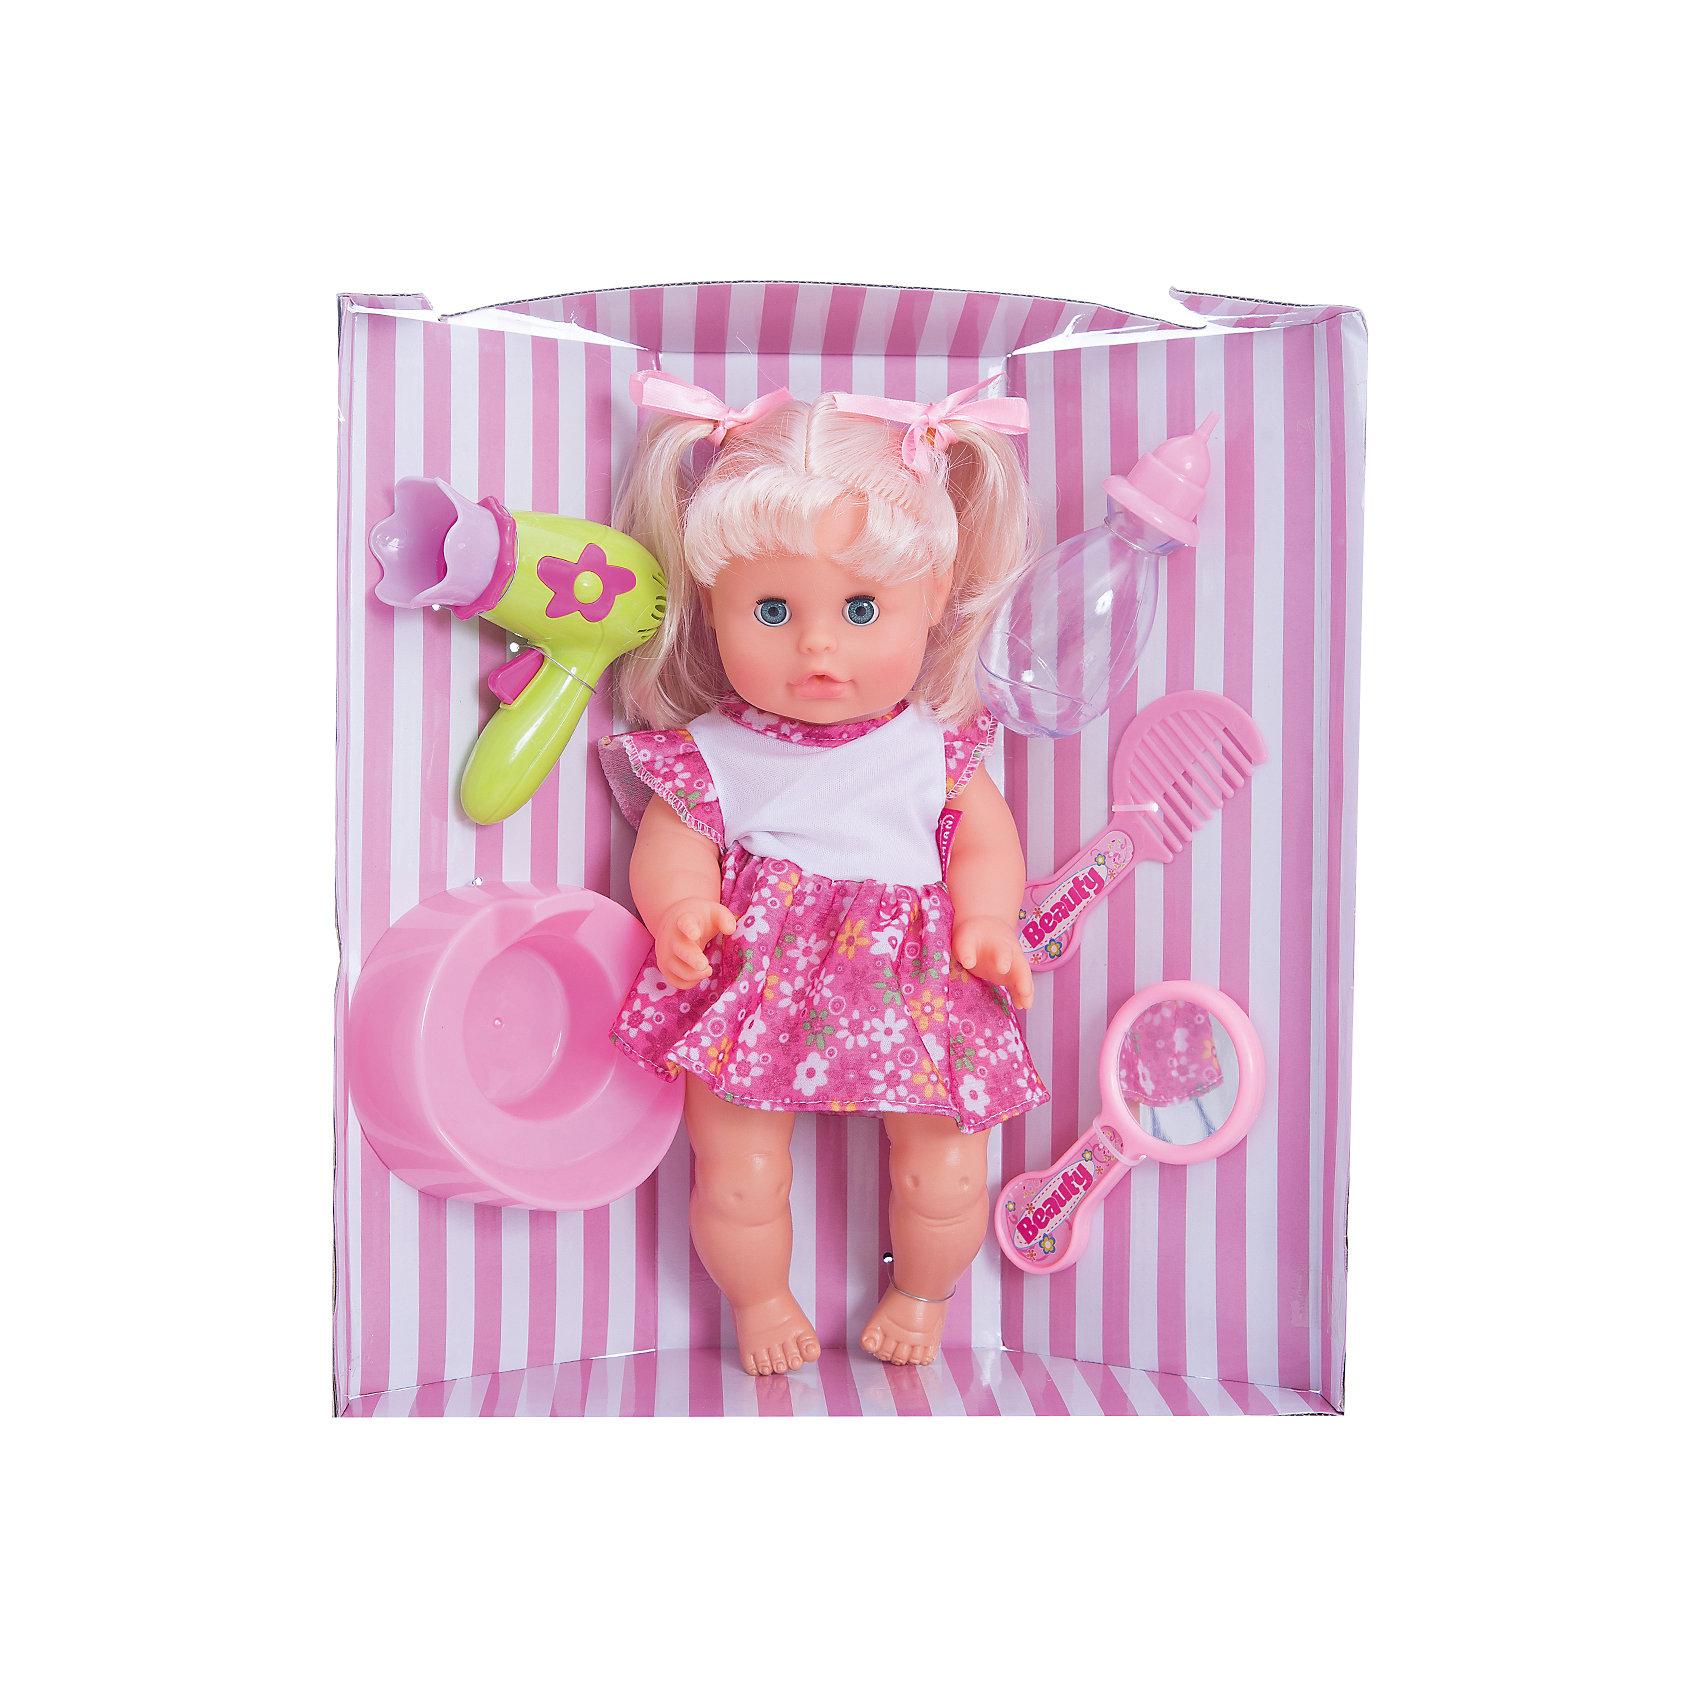 Кукла Bambolina, пьет и писает, с аксессуарами, 33 см , DIMIANКуклы-пупсы<br>Кукла Bambolina, пьет и писает, с аксессуарами, 33 см , DIMIAN (Димиан)<br><br>Характеристики:<br><br>• реалистично пьет и писает<br>• в комплекте: кукла, горшок, бутылочка, расческа, фен, зеркальце<br>• высота куклы: 33 см<br>• материал: пластик, ПВХ, текстиль<br>• размер упаковки: 32х11х35 см<br>• вес: 617 грамм<br><br>Кукла Bambolina - прекрасный подарок девочке, мечтающей заботиться о малыше. В комплект входят аксессуары для ухода за куклой и горшок. Кукла умеет реалистично пить и даже писать. Девочка сможет напоить куколку, посадить ее на горшок и сделать красивую прическу. Красивые глазки и пухлые щечки куклы очень похожи на настоящего карапуза. С куклой Bambolina девочка почувствует себя заботливой мамой. Куклу можно уложить спать, рассказав ей чудесную сказку перед сном. Игрушка одета в короткое платье, а прическа украшена двумя бантиками.<br><br>Куклу Bambolina, пьет и писает, с аксессуарами, 33 см , DIMIAN (Димиан) вы можете купить в нашем интернет-магазине.<br><br>Ширина мм: 320<br>Глубина мм: 110<br>Высота мм: 350<br>Вес г: 617<br>Возраст от месяцев: 36<br>Возраст до месяцев: 2147483647<br>Пол: Женский<br>Возраст: Детский<br>SKU: 5571403